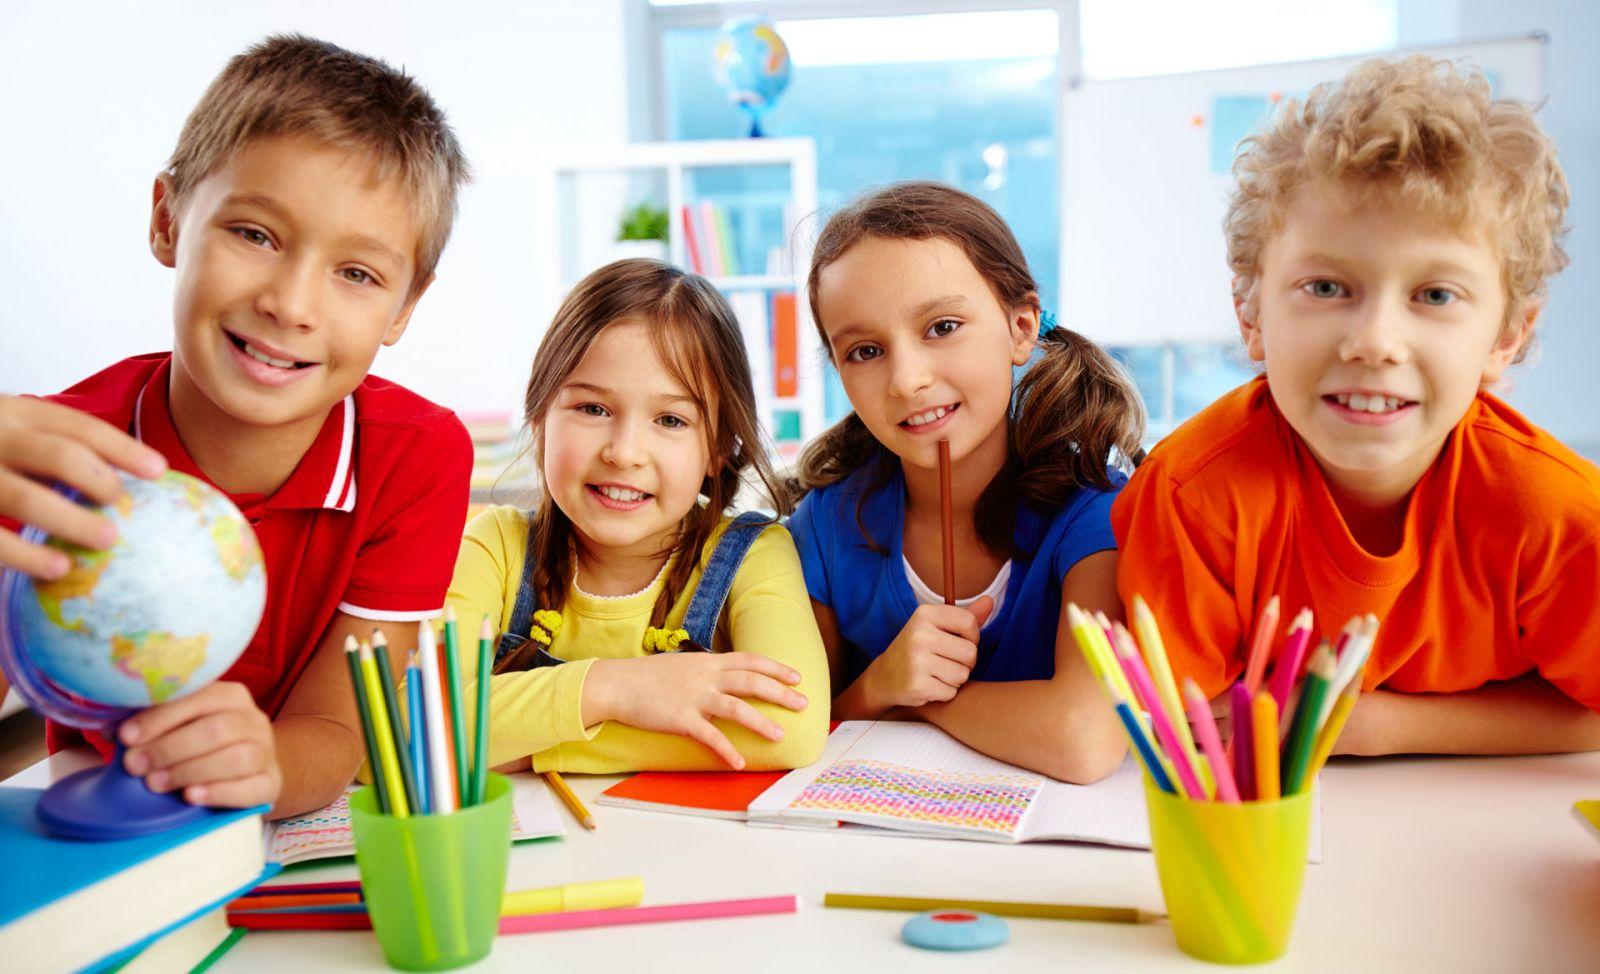 yaz tatilinde çocuklara yaklaşım, çocuklara nasıl davranılmalı, okul çocuklarına yaklaşım